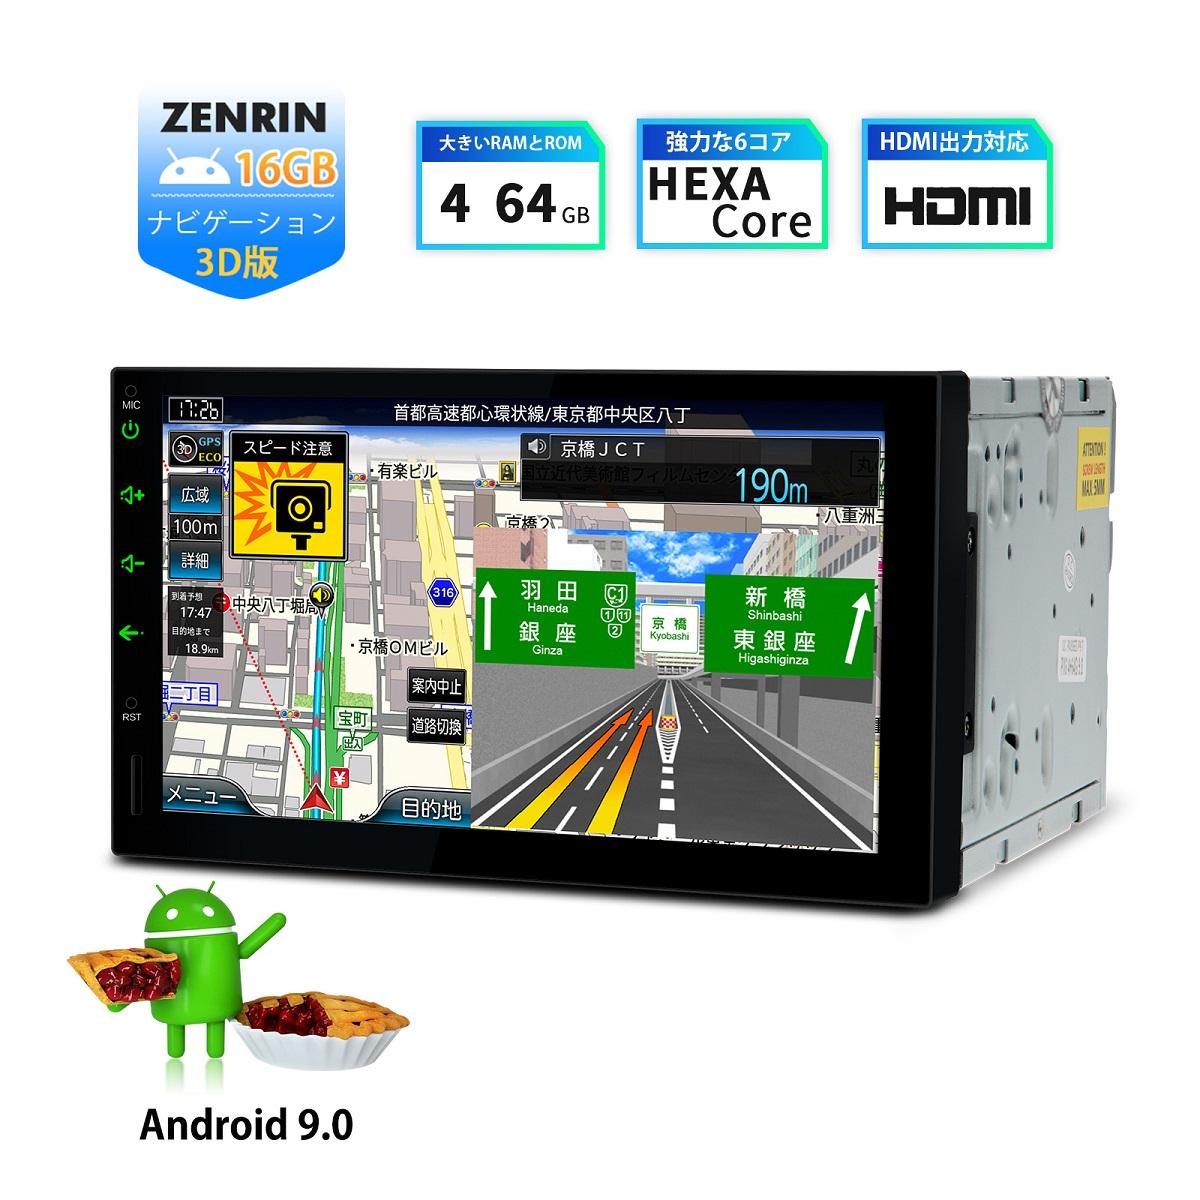 (TQ709IPL) XTRONS Android9.0 6コア 2DIN 7インチ 車載PC 最新16GB地図付 HDMI出力 RAM4G ROM64G カーステレオ カーオーディオ OBD2 4G WIFI ミラーリング 4K DVR ワイドFM